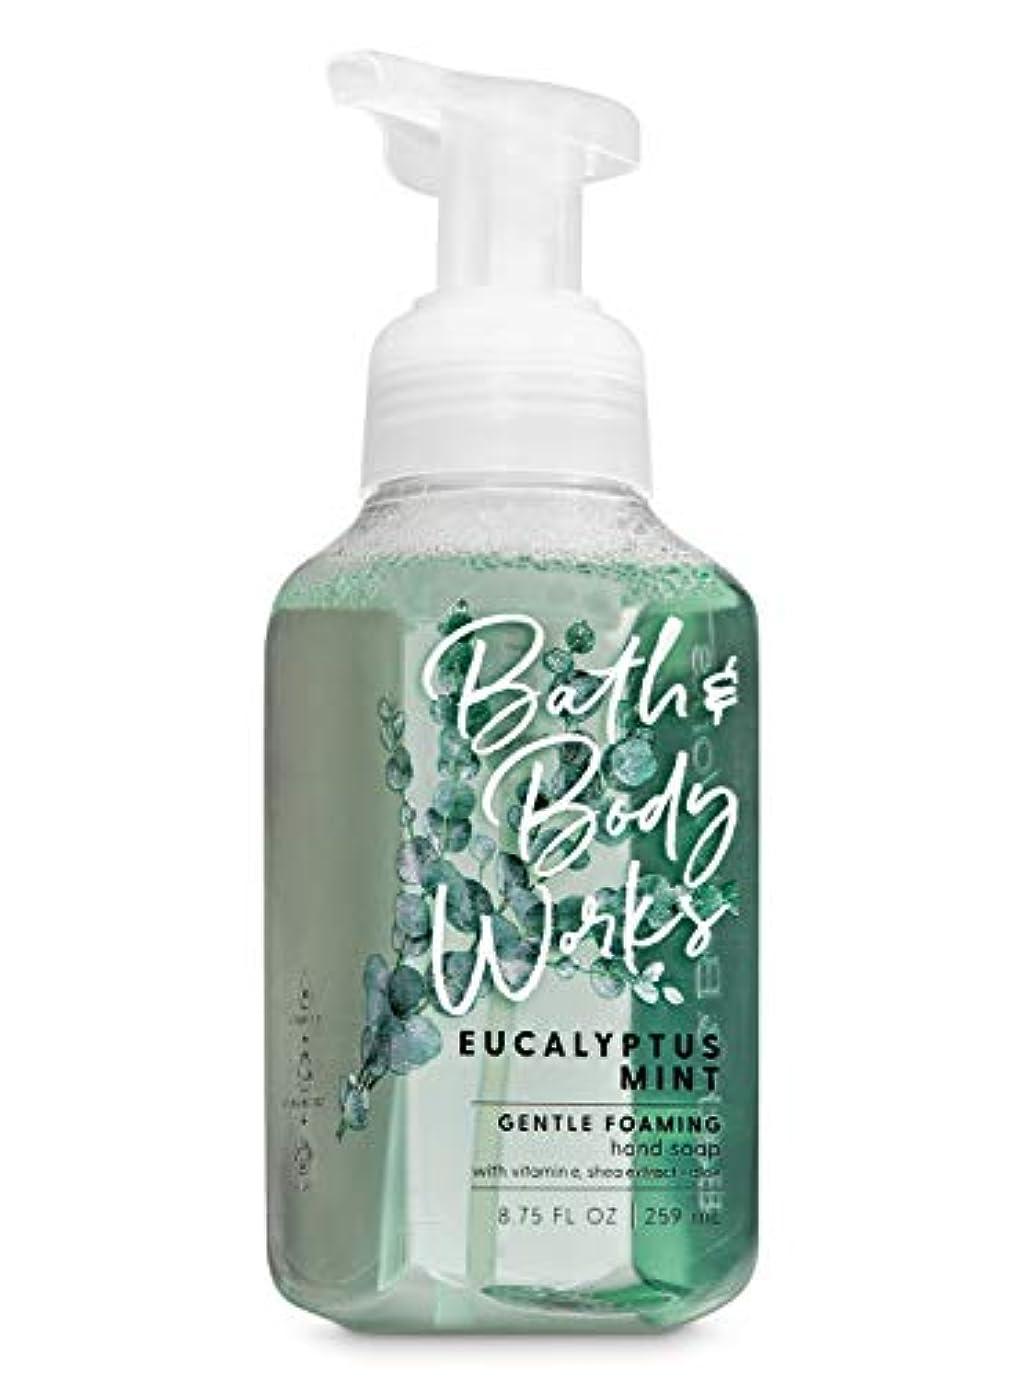 風邪をひく姉妹説教バス&ボディワークス ユーカリミント ジェントル フォーミング ハンドソープ Eucalyptus Mint Gentle Foaming Hand Soap